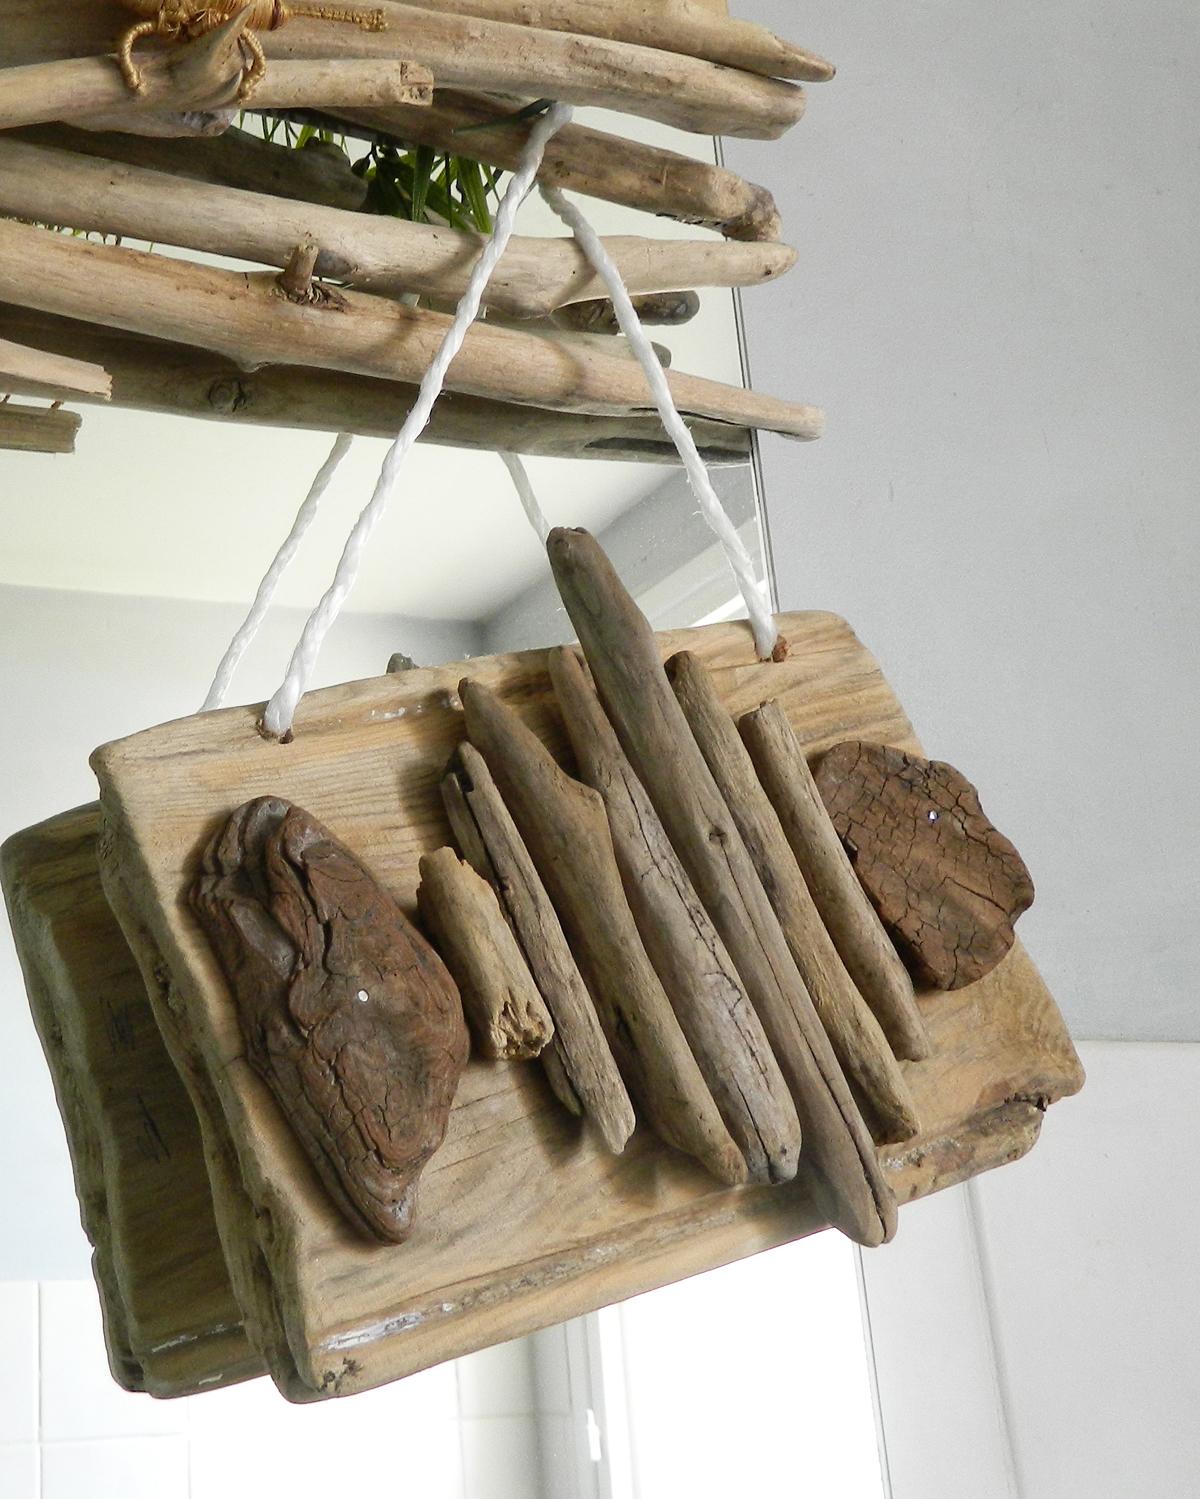 Créations En Bois Flotté 3 créations ludiques - au fil de l'eau - bois flotté